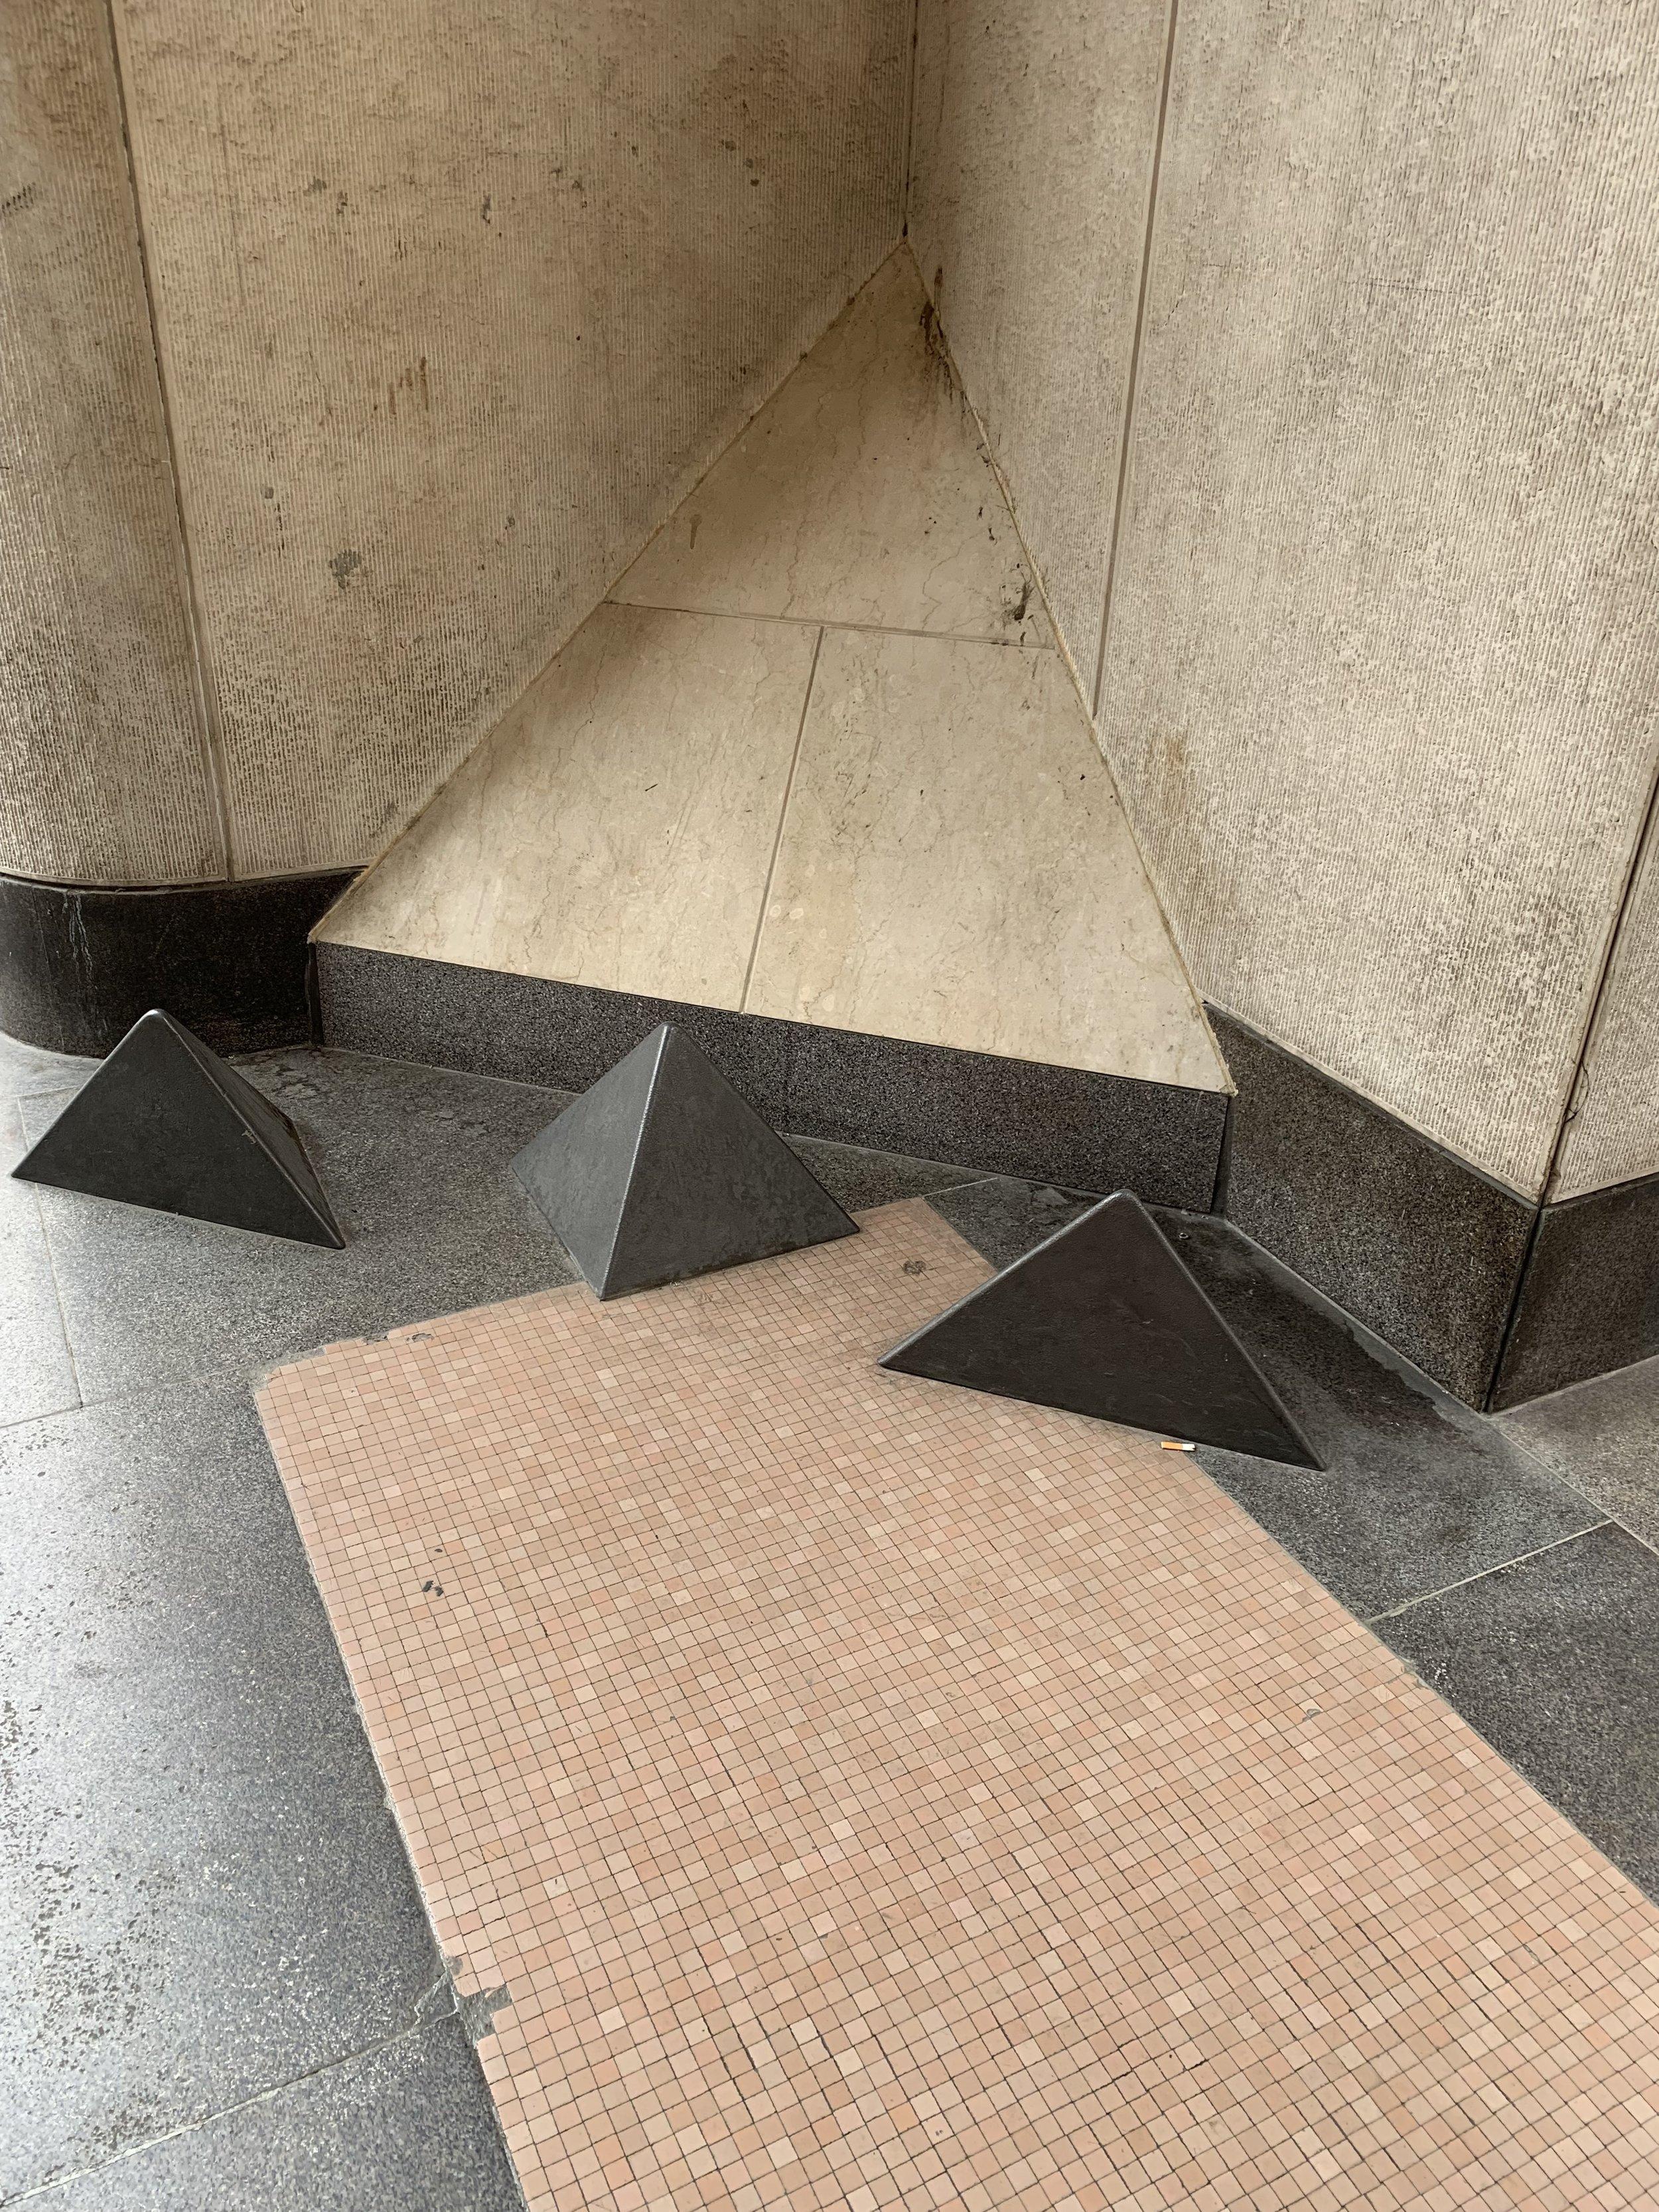 003 Salone del Mobile 2019 Lex de gooijer interiors rotterdam ..JPG